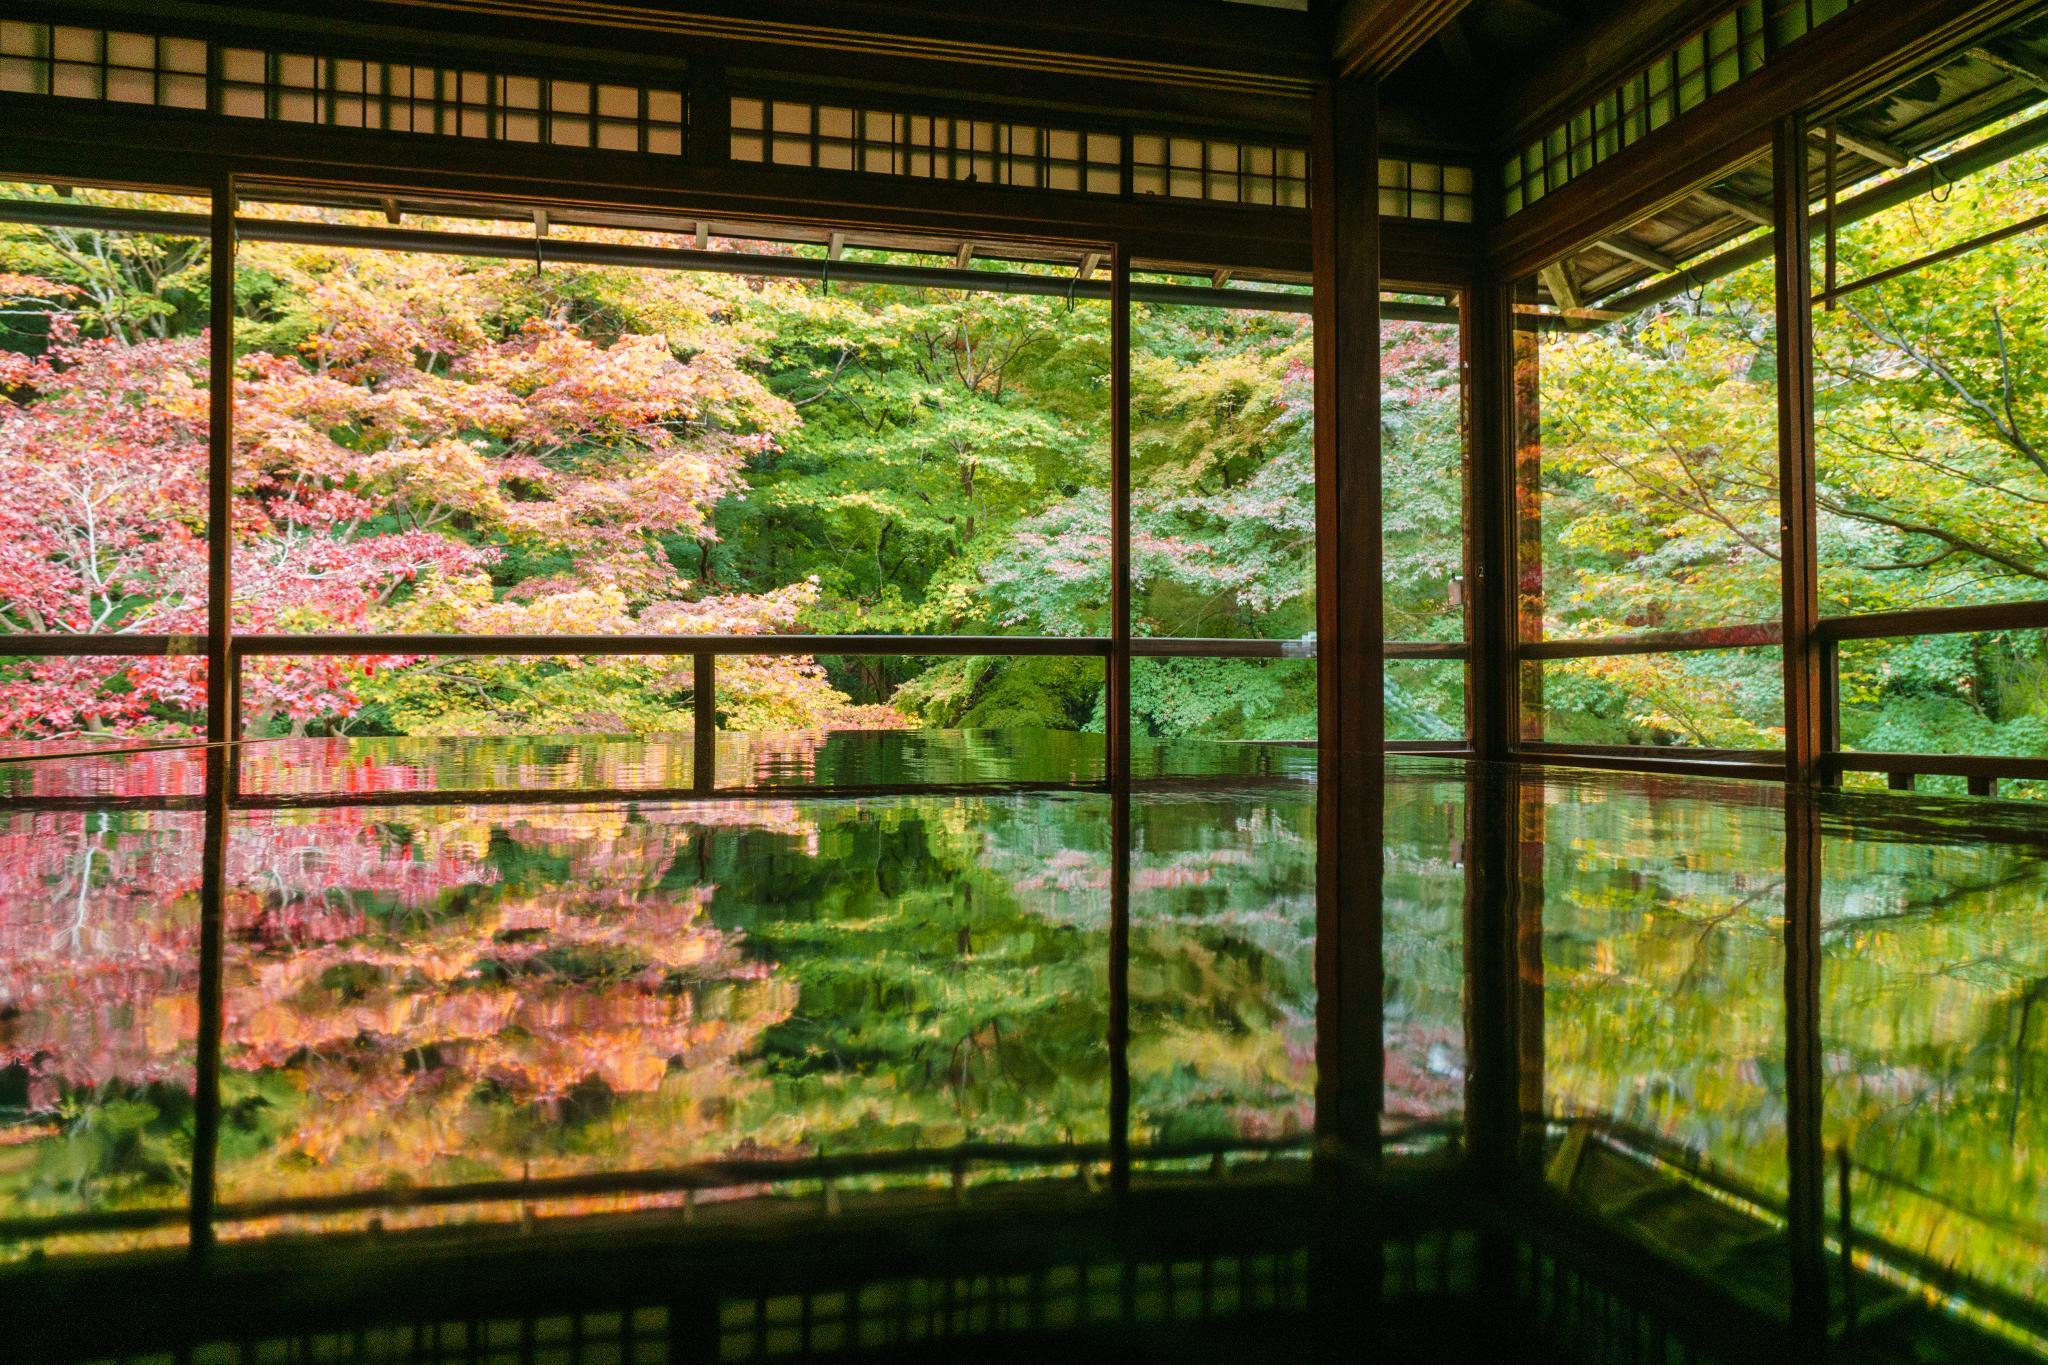 【京都】如夢似幻的琉璃光影 - 八瀨琉璃光院 90